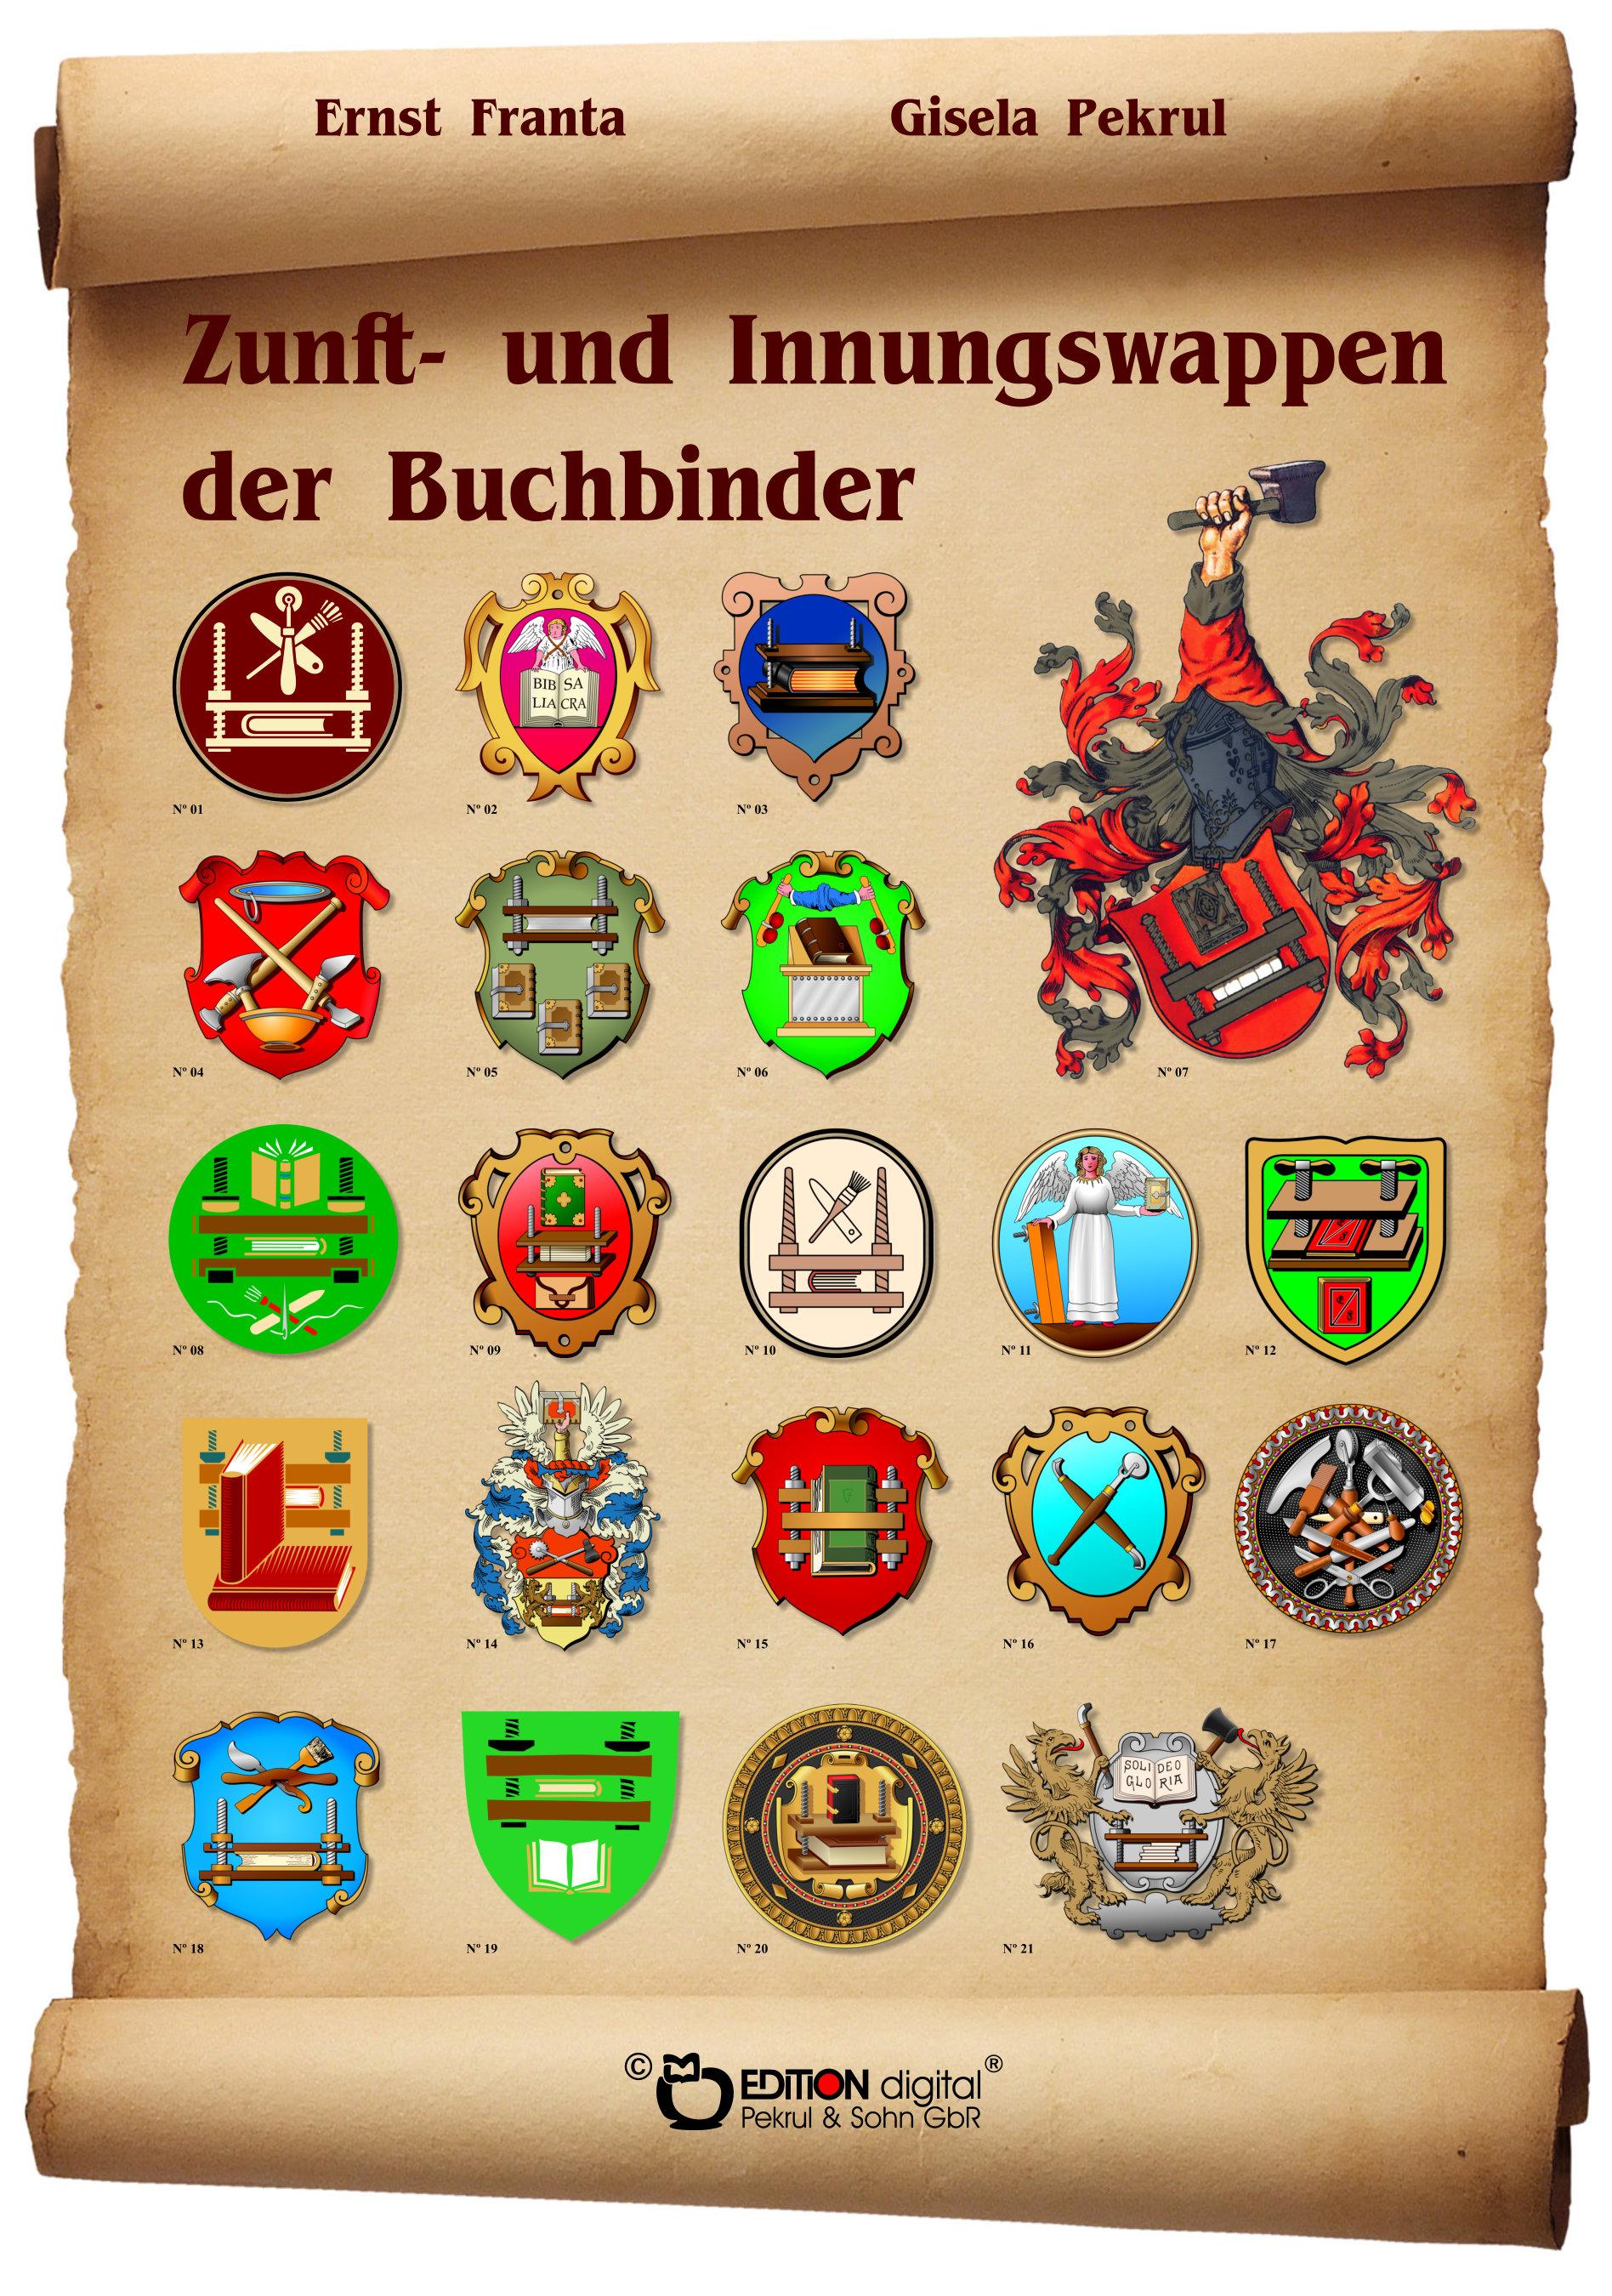 Zunft- und Innungswappen der Buchbinder. Poster mit Beschreibung von Gisela Pekrul